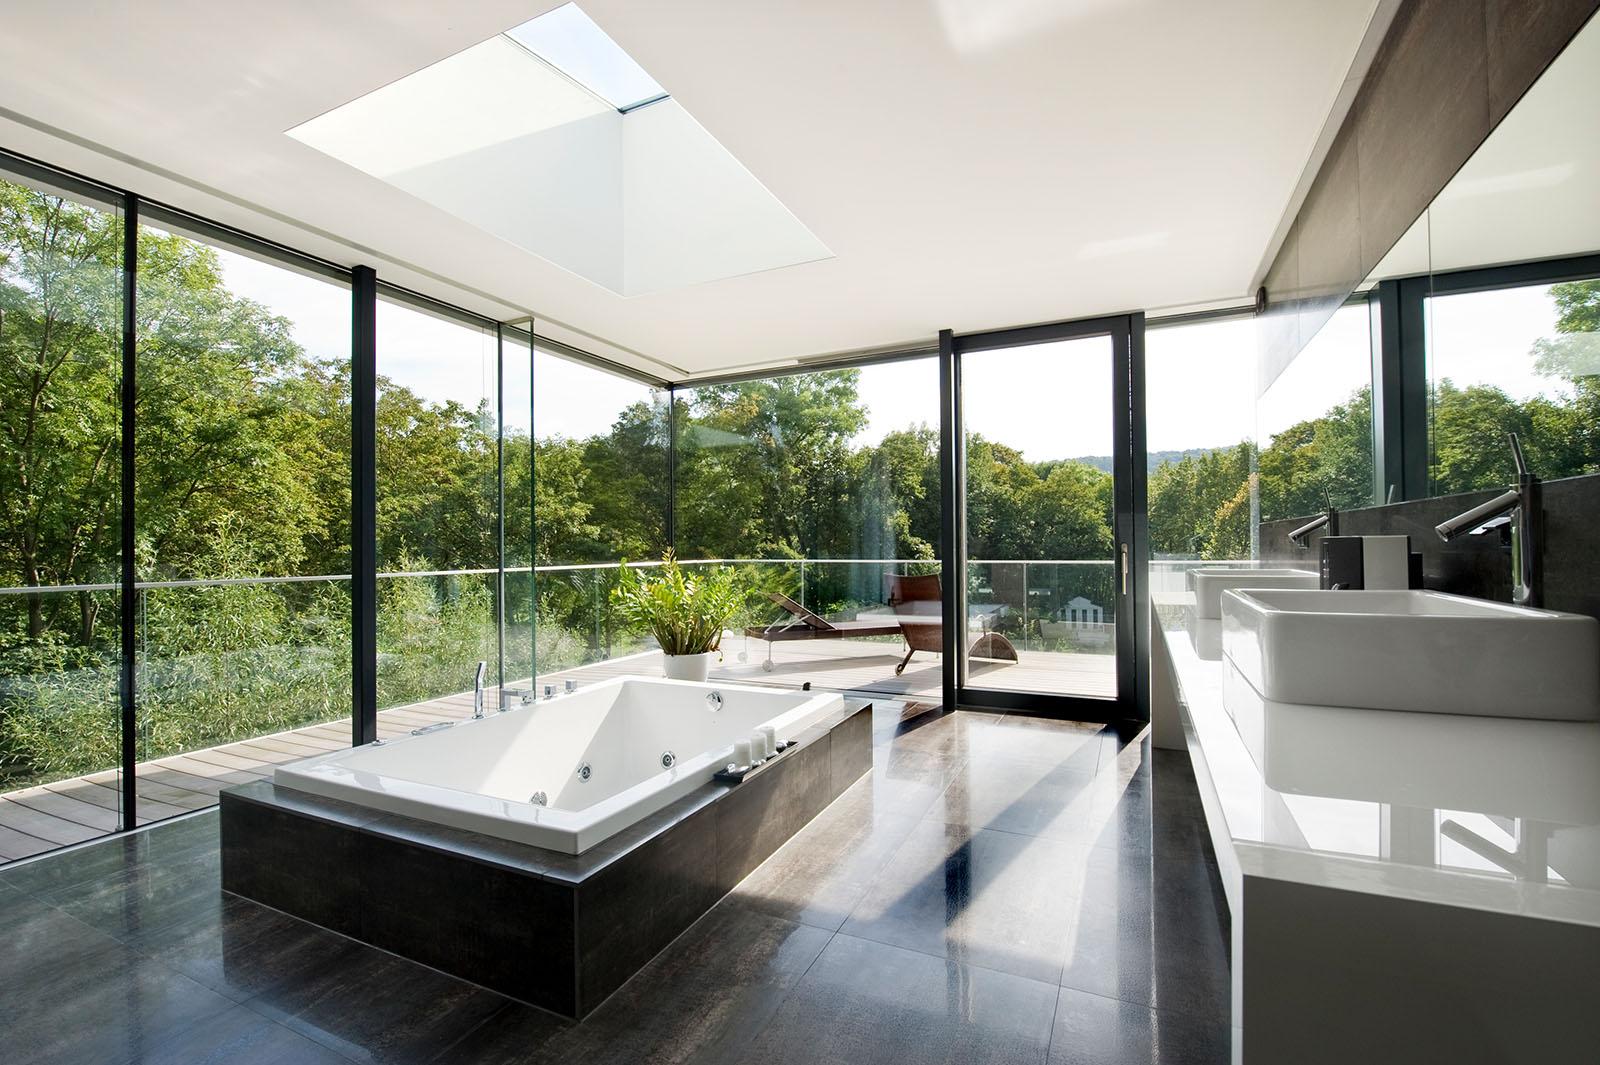 Wunschhaus Designer-Badezimmer mit Glasfronten und Blick ins Grüne